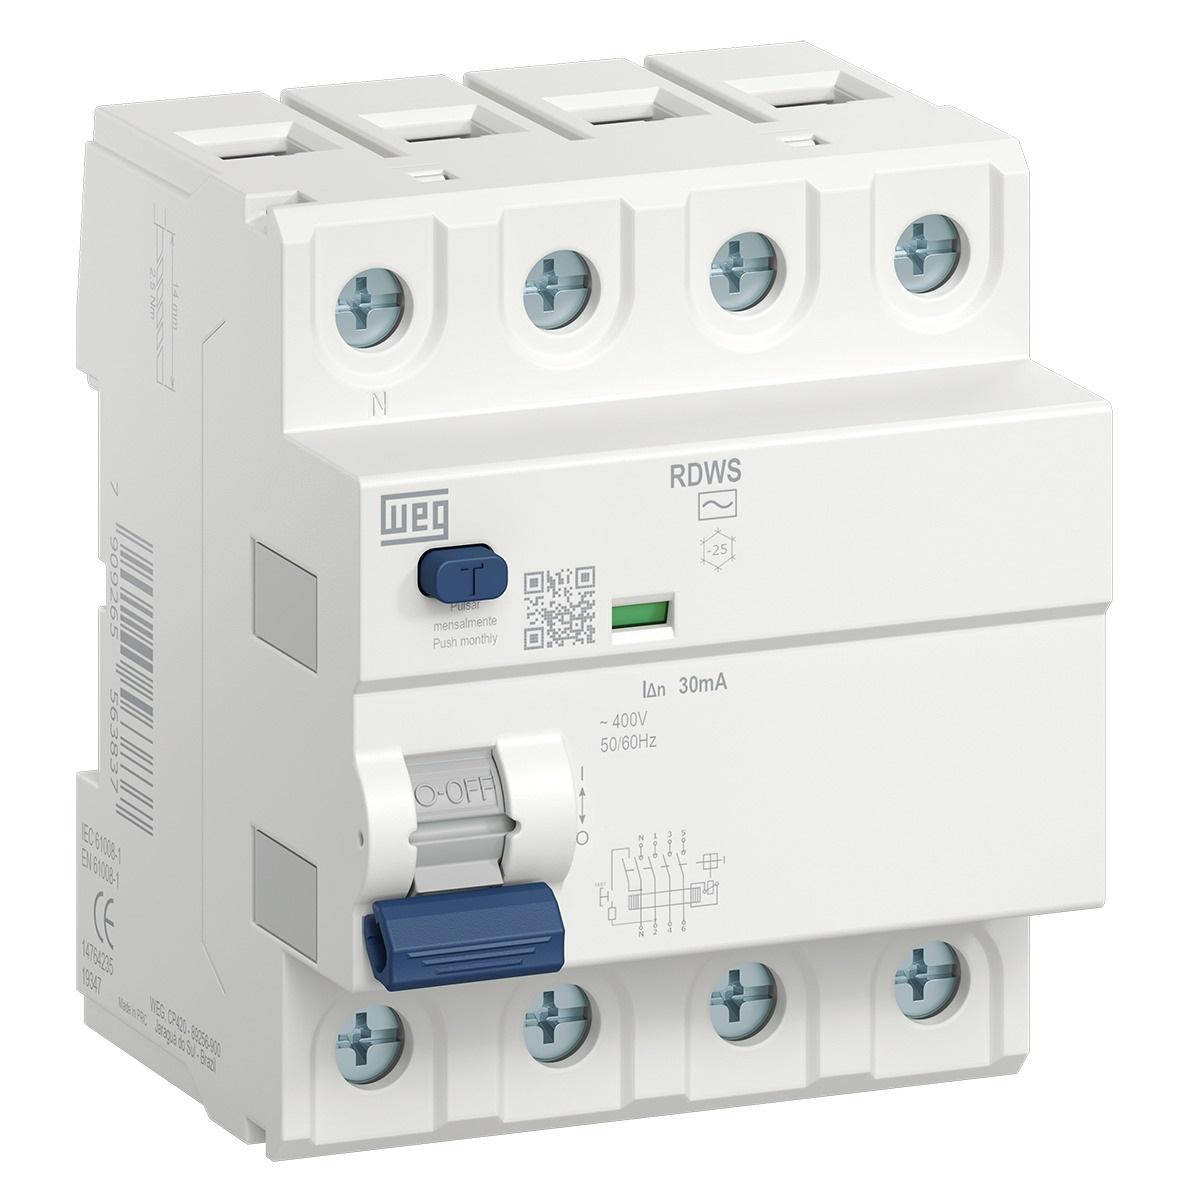 Interruptor Diferencial Residual RDWS-Ac-30-80-4 (entrega em 5 dias)